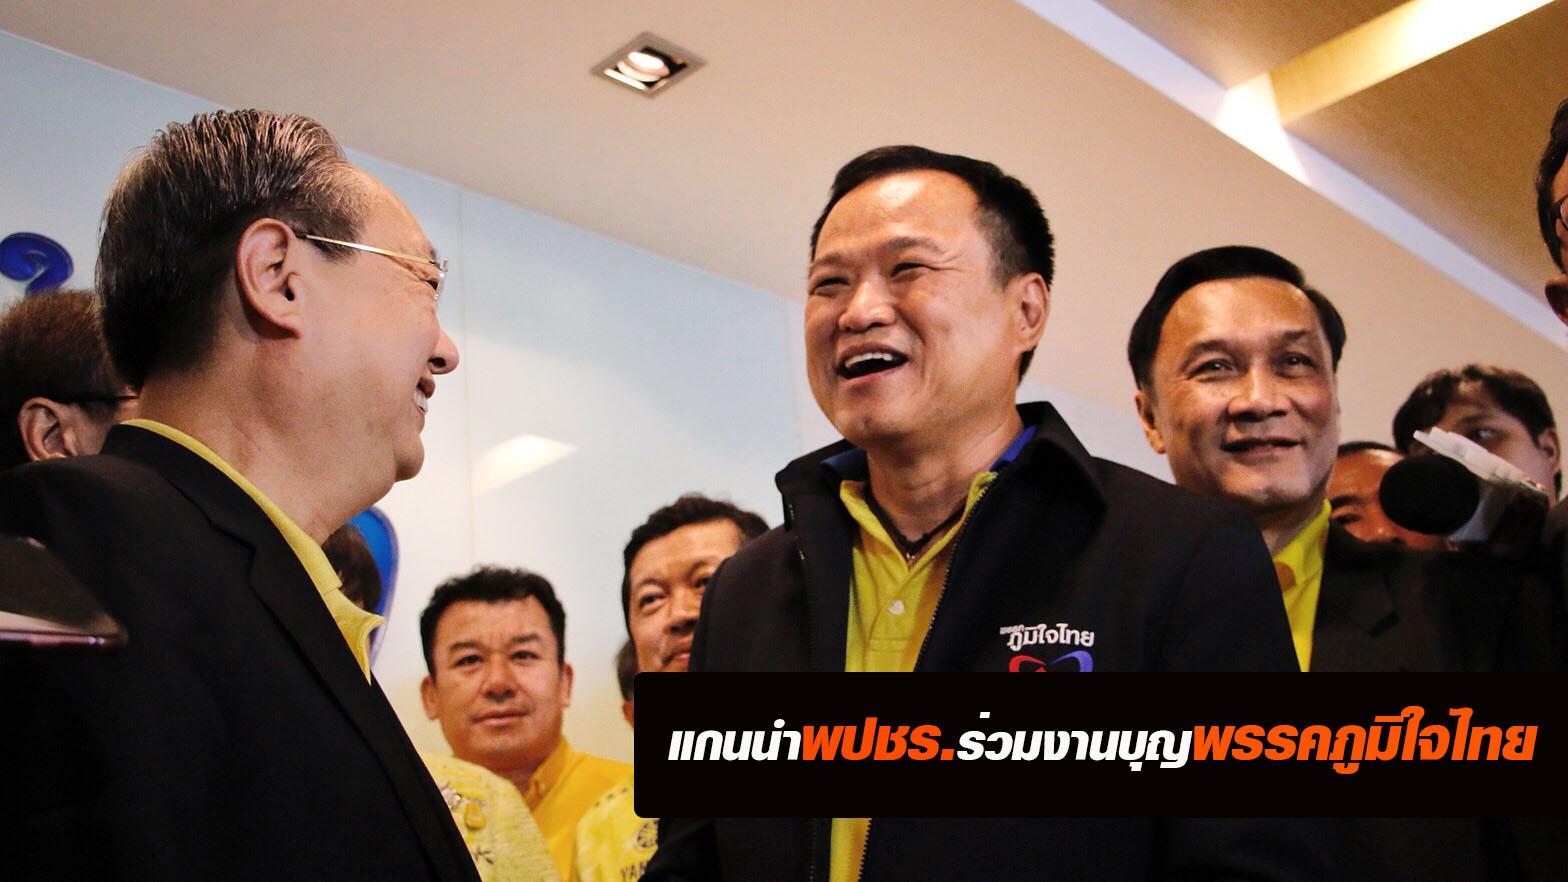 ข่าวสดวันนี้ พลังประชารัฐ ภูมิใจไทย